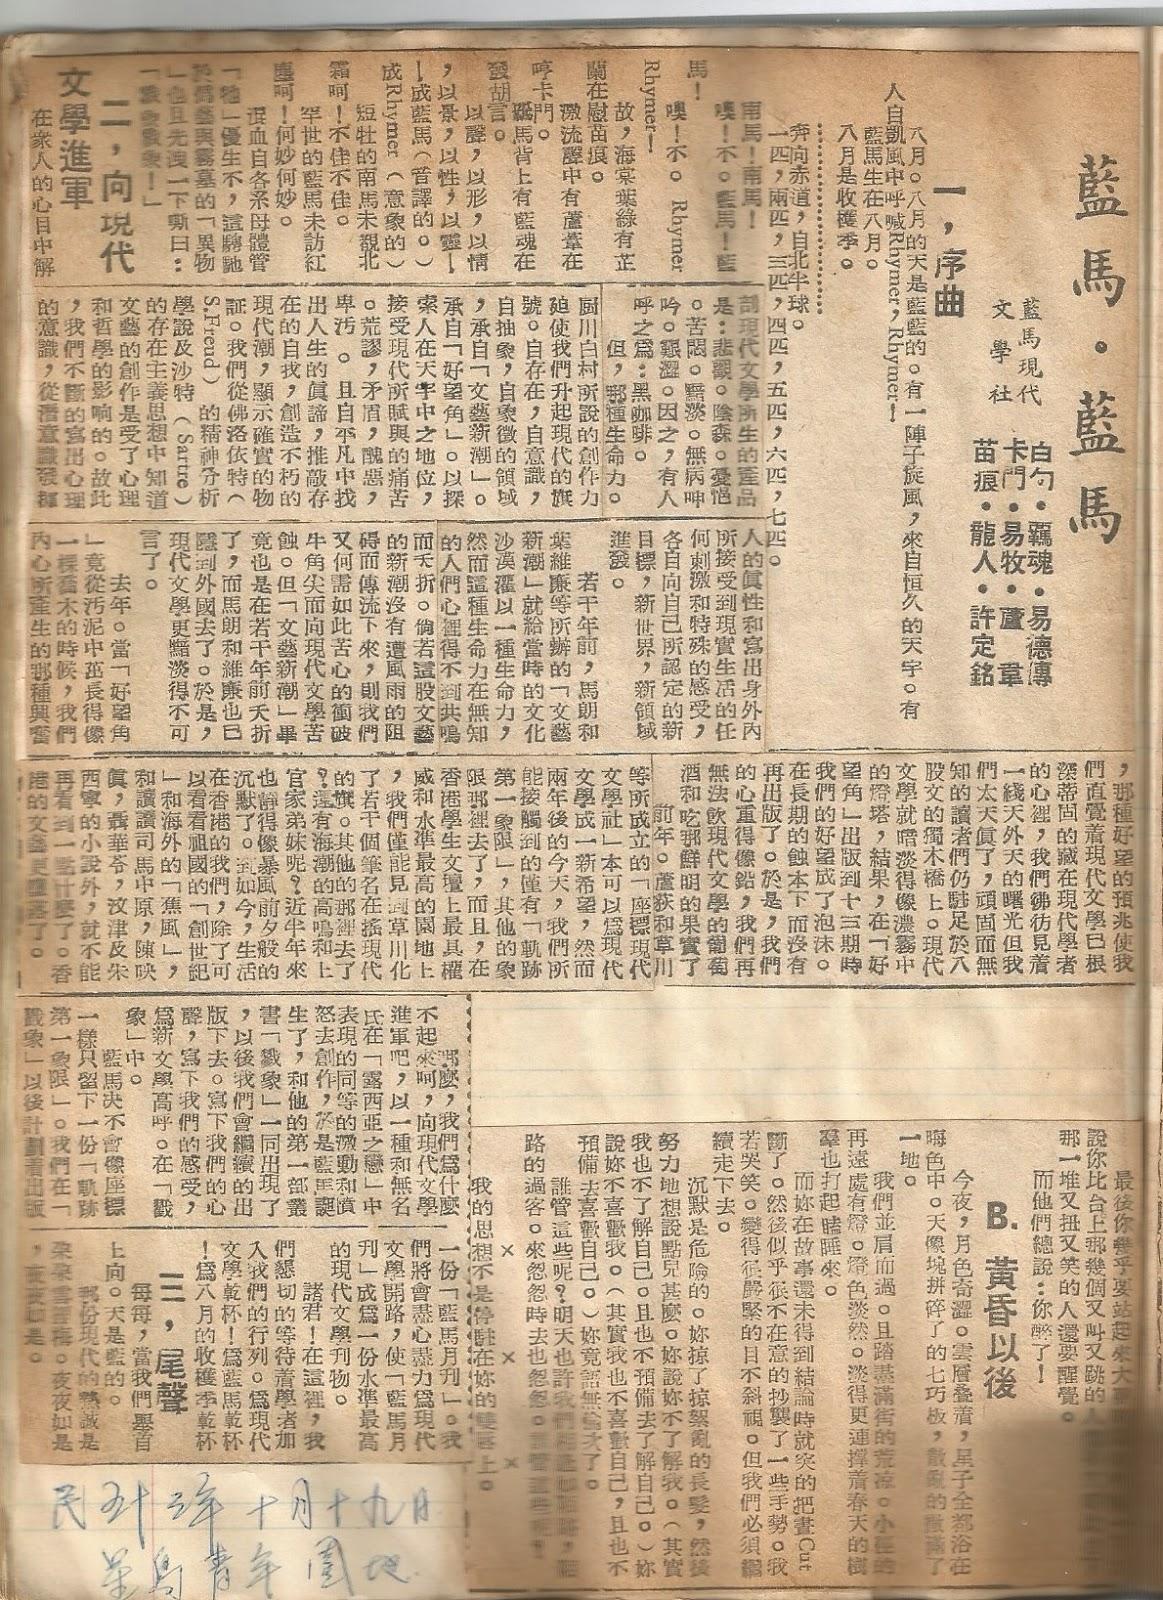 從60年代文社文藝青年到現代文學藏書家 | 許定銘文集